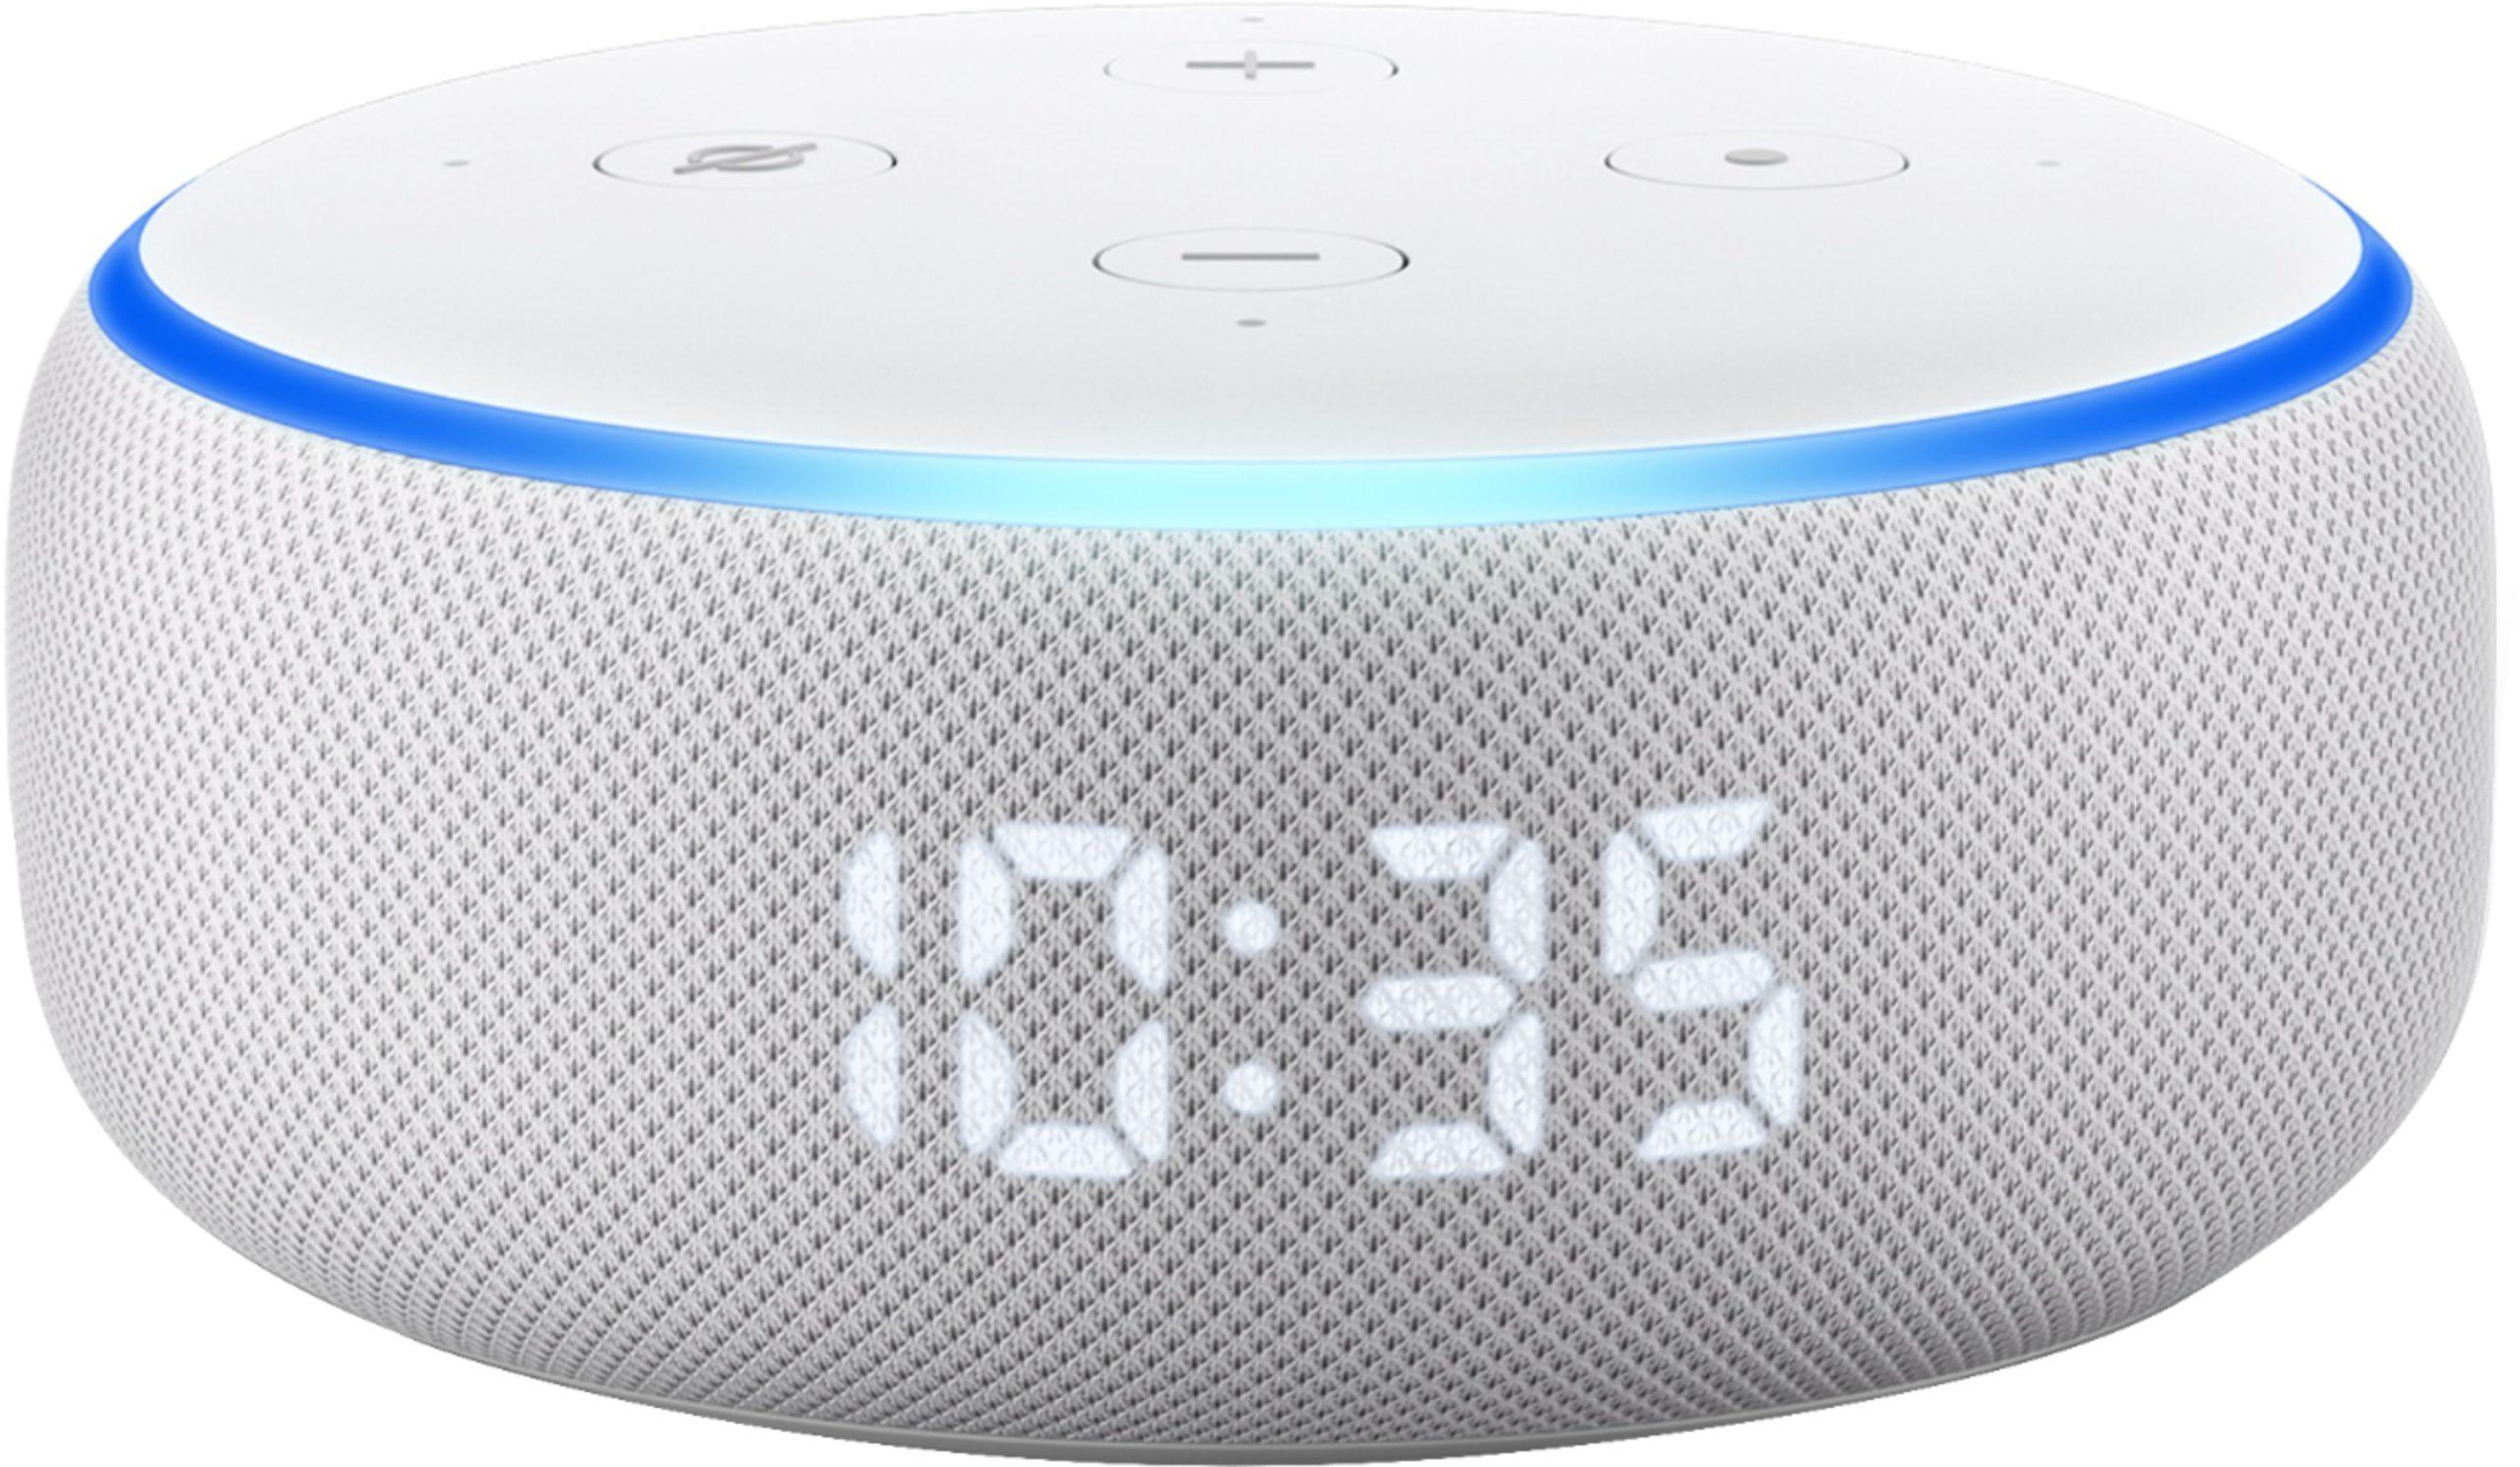 Plantão do Amazon Echo Dot with Clock (echo echo echo)